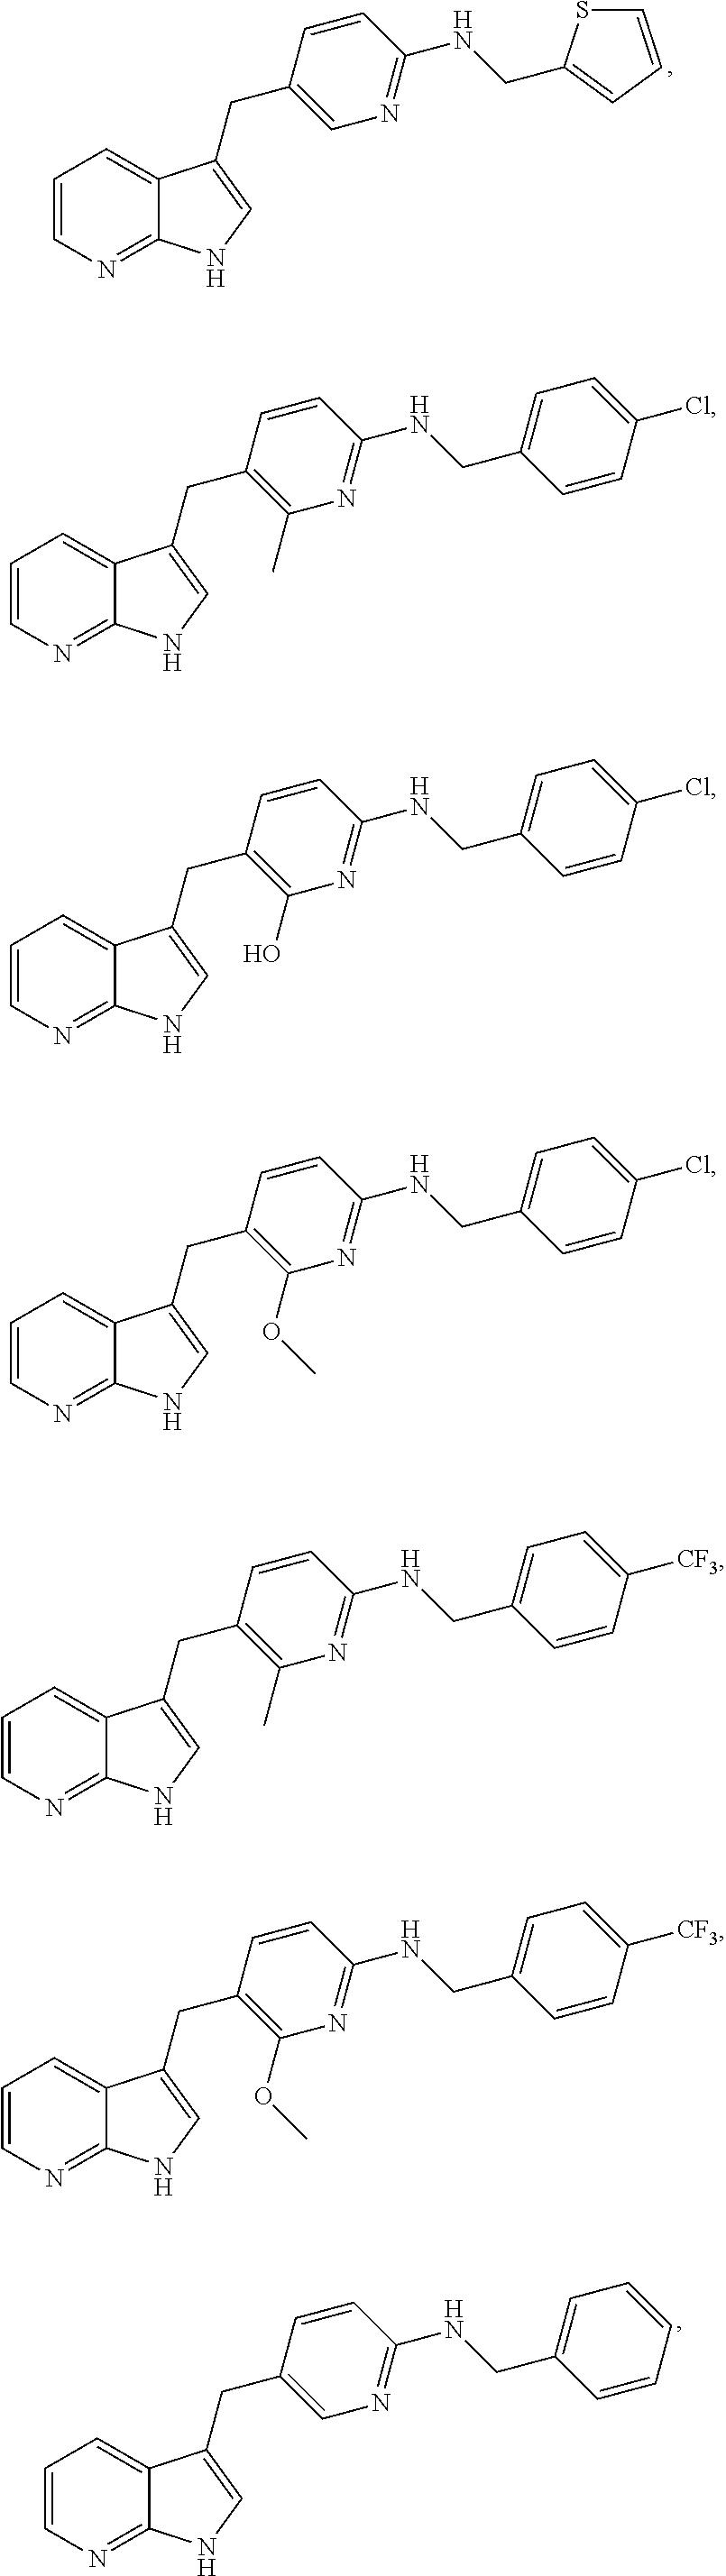 Figure US08404700-20130326-C00049